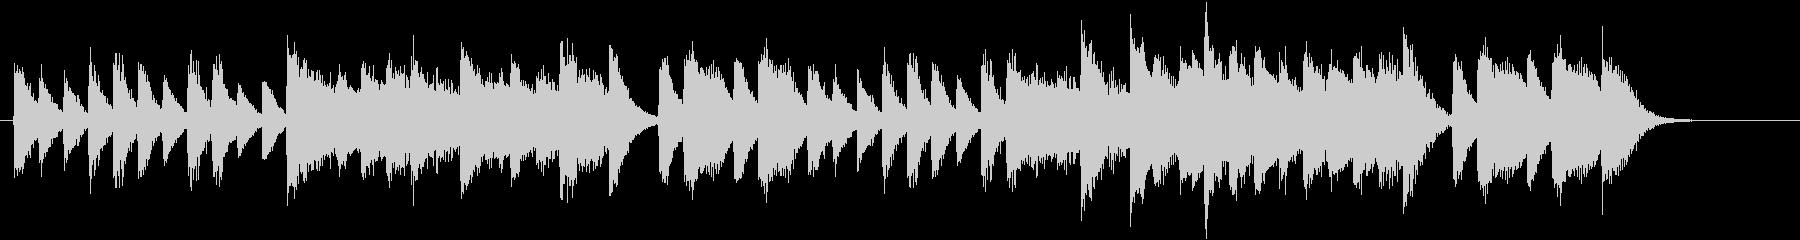 ワンパクなメロディ♪真冬のピアノジングルの未再生の波形